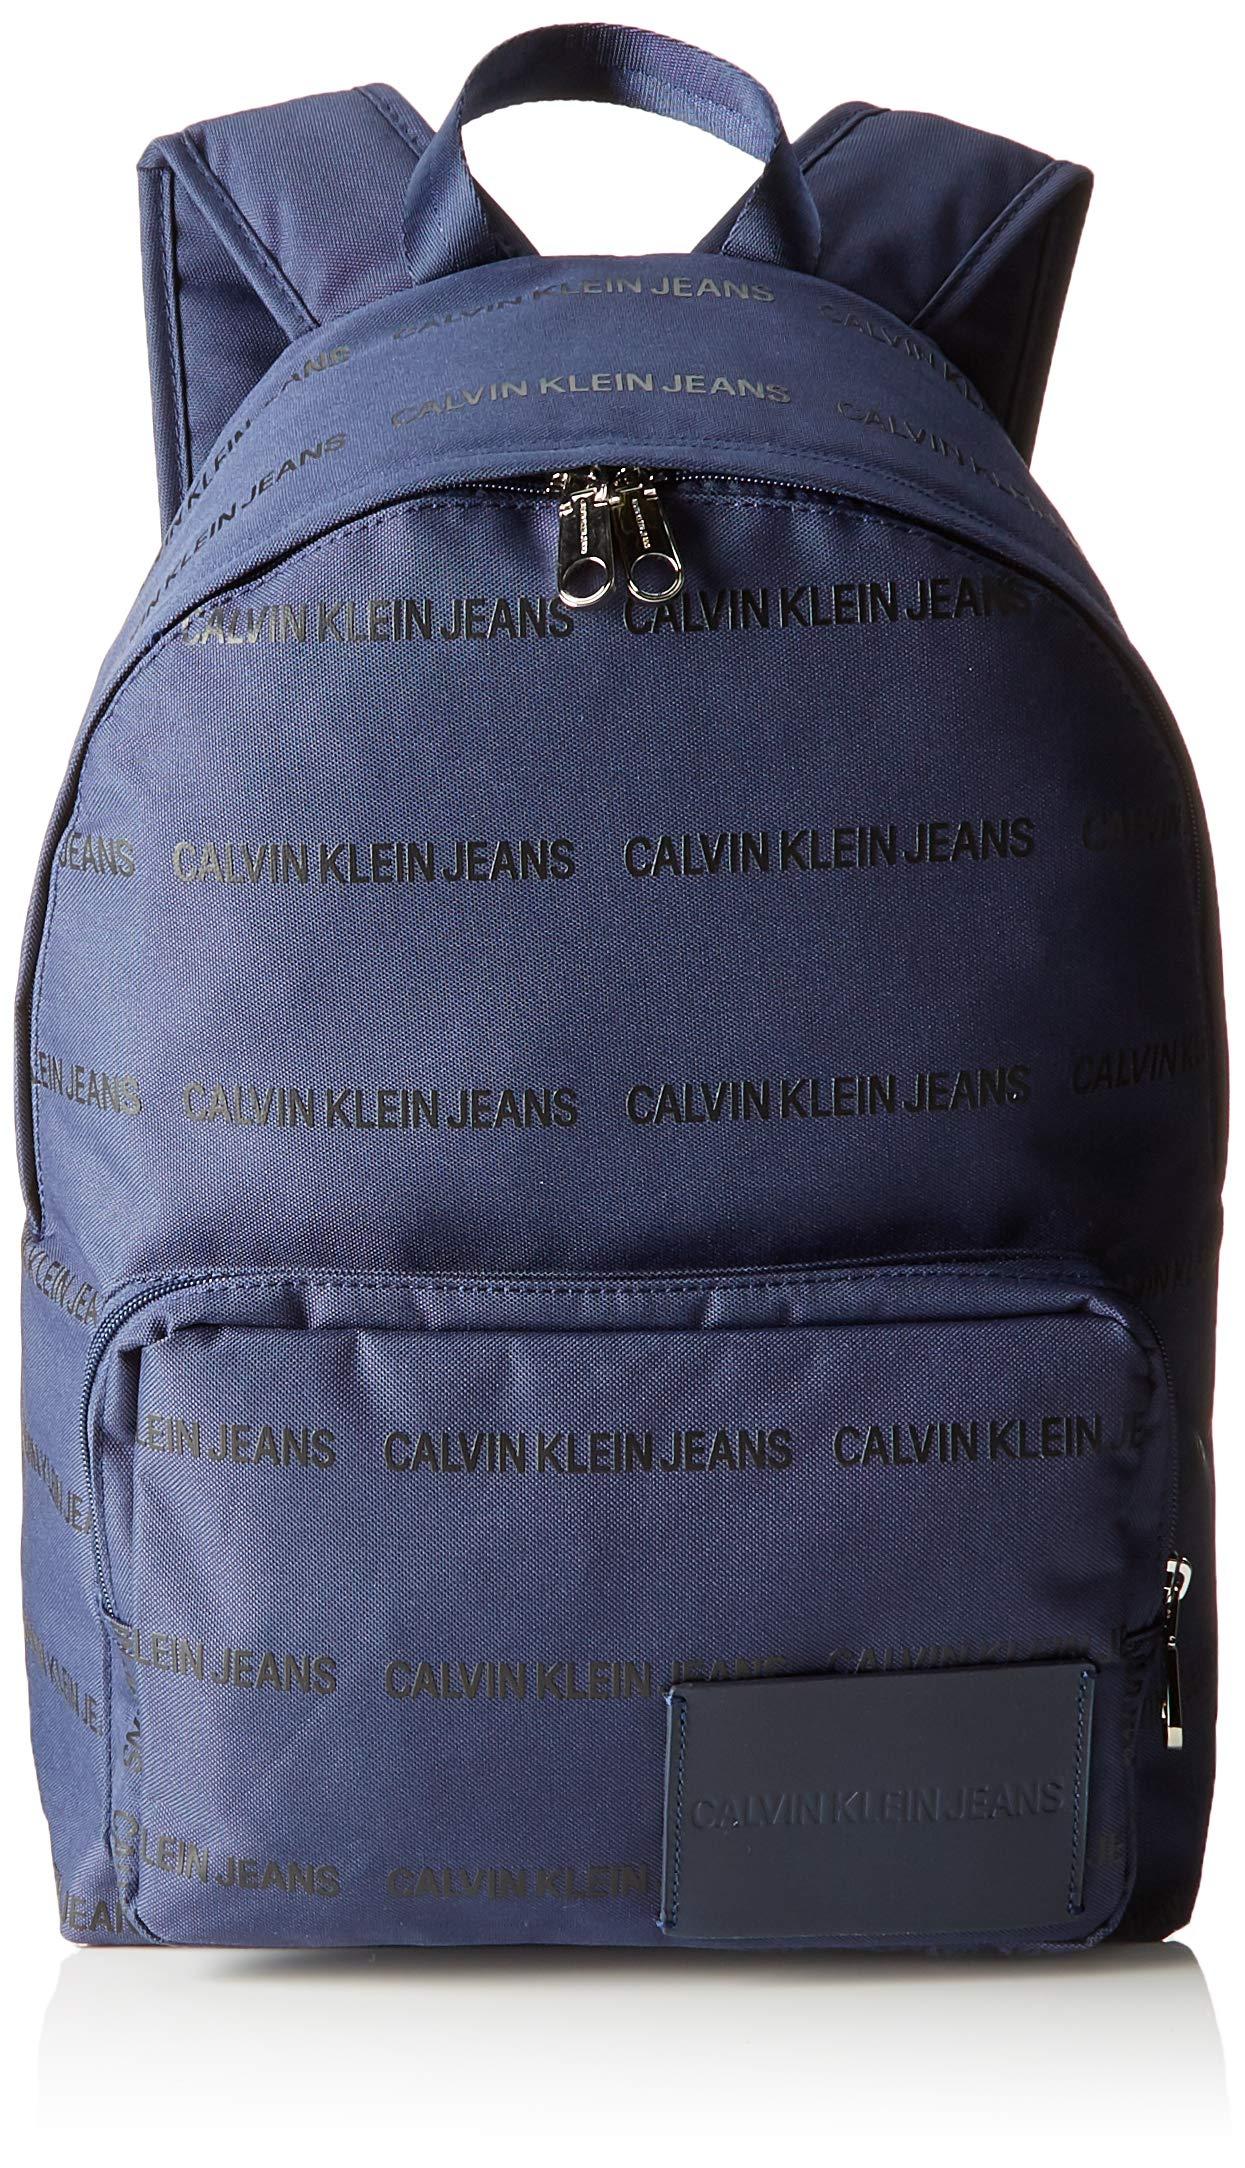 Calvin Épaule 45Sacs Portés H HommeBleunavy1x1x1 Cmw Essential Campus X Klein L Bp Sp trdxshCBQ